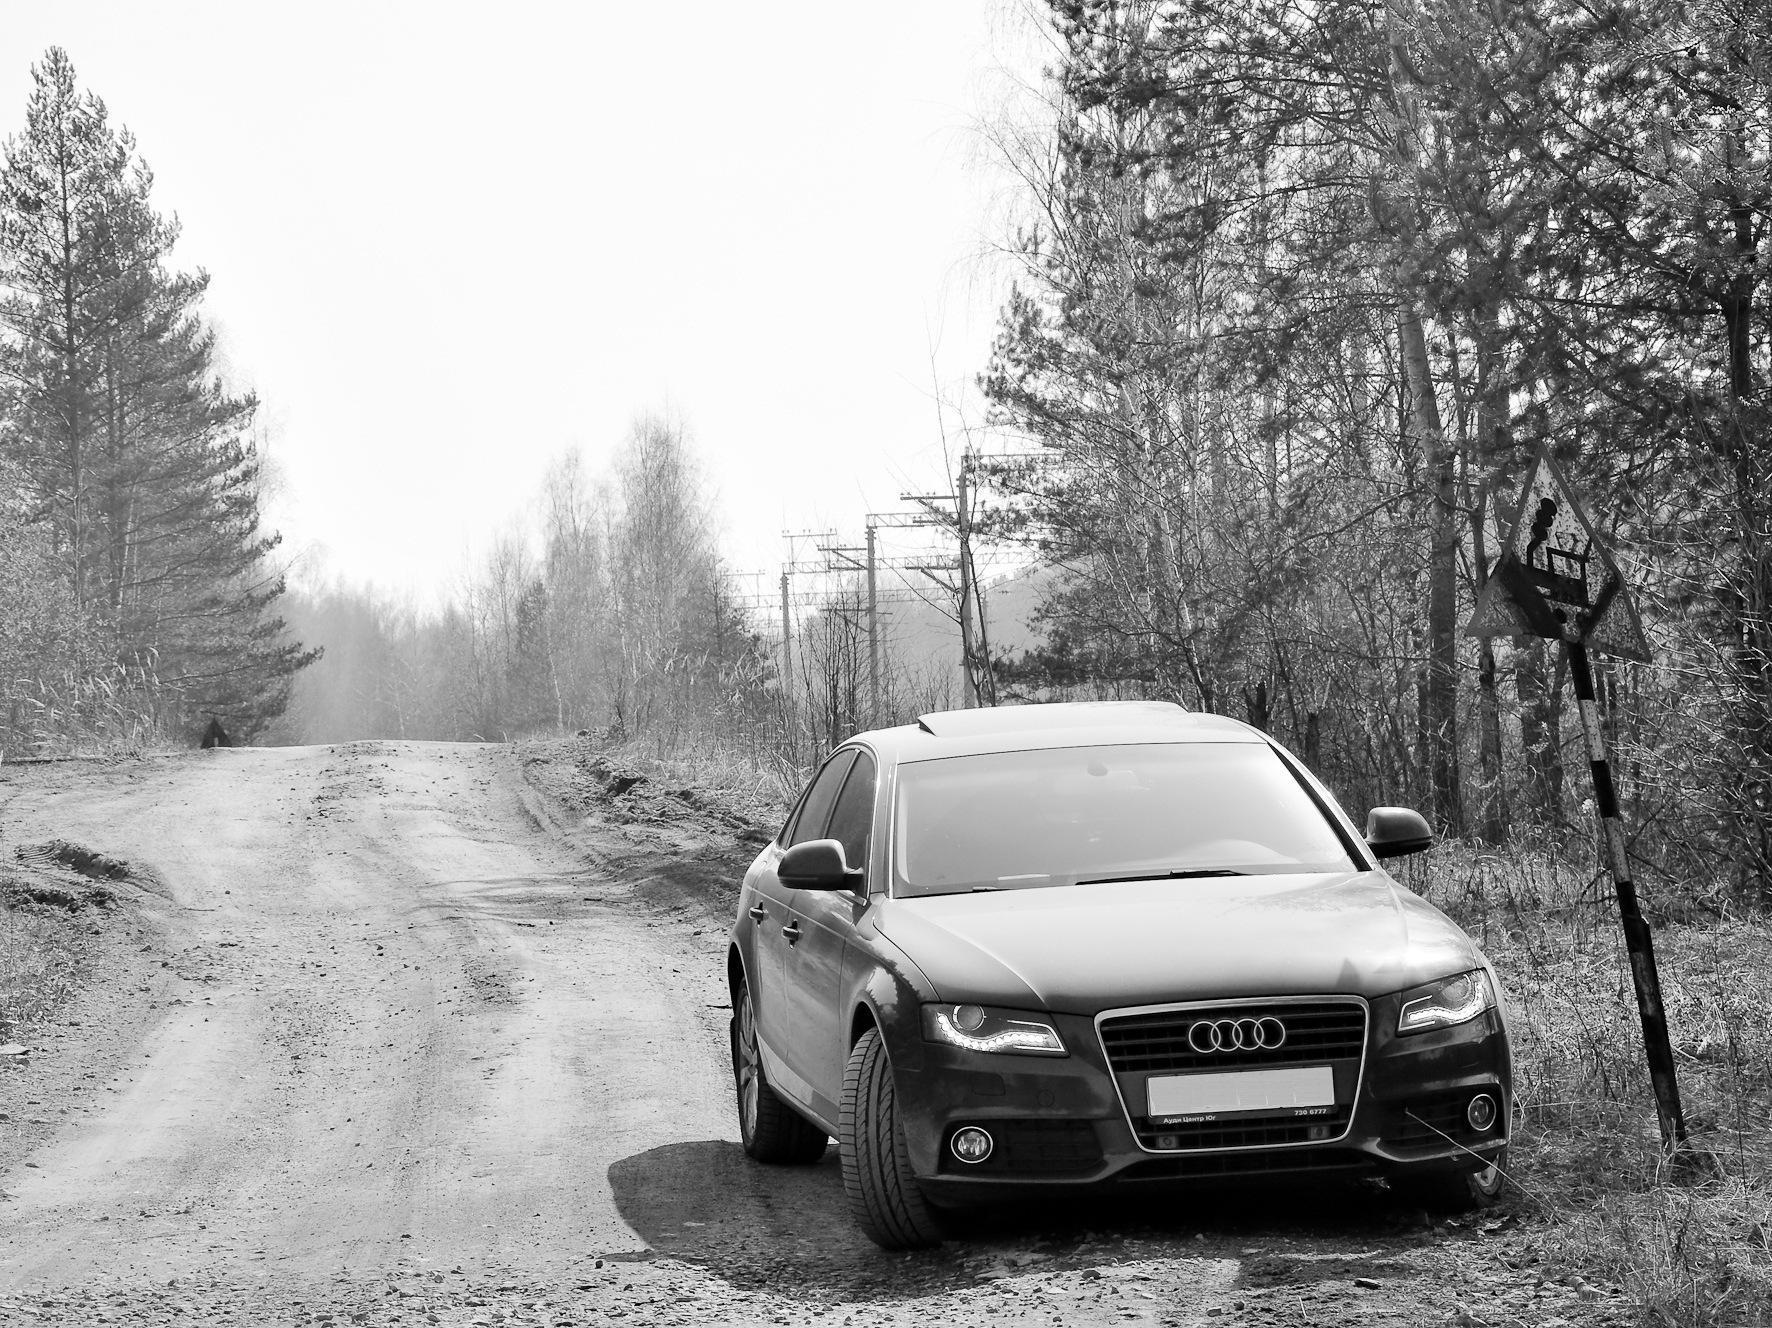 13501 скачать обои Транспорт, Машины, Ауди (Audi) - заставки и картинки бесплатно